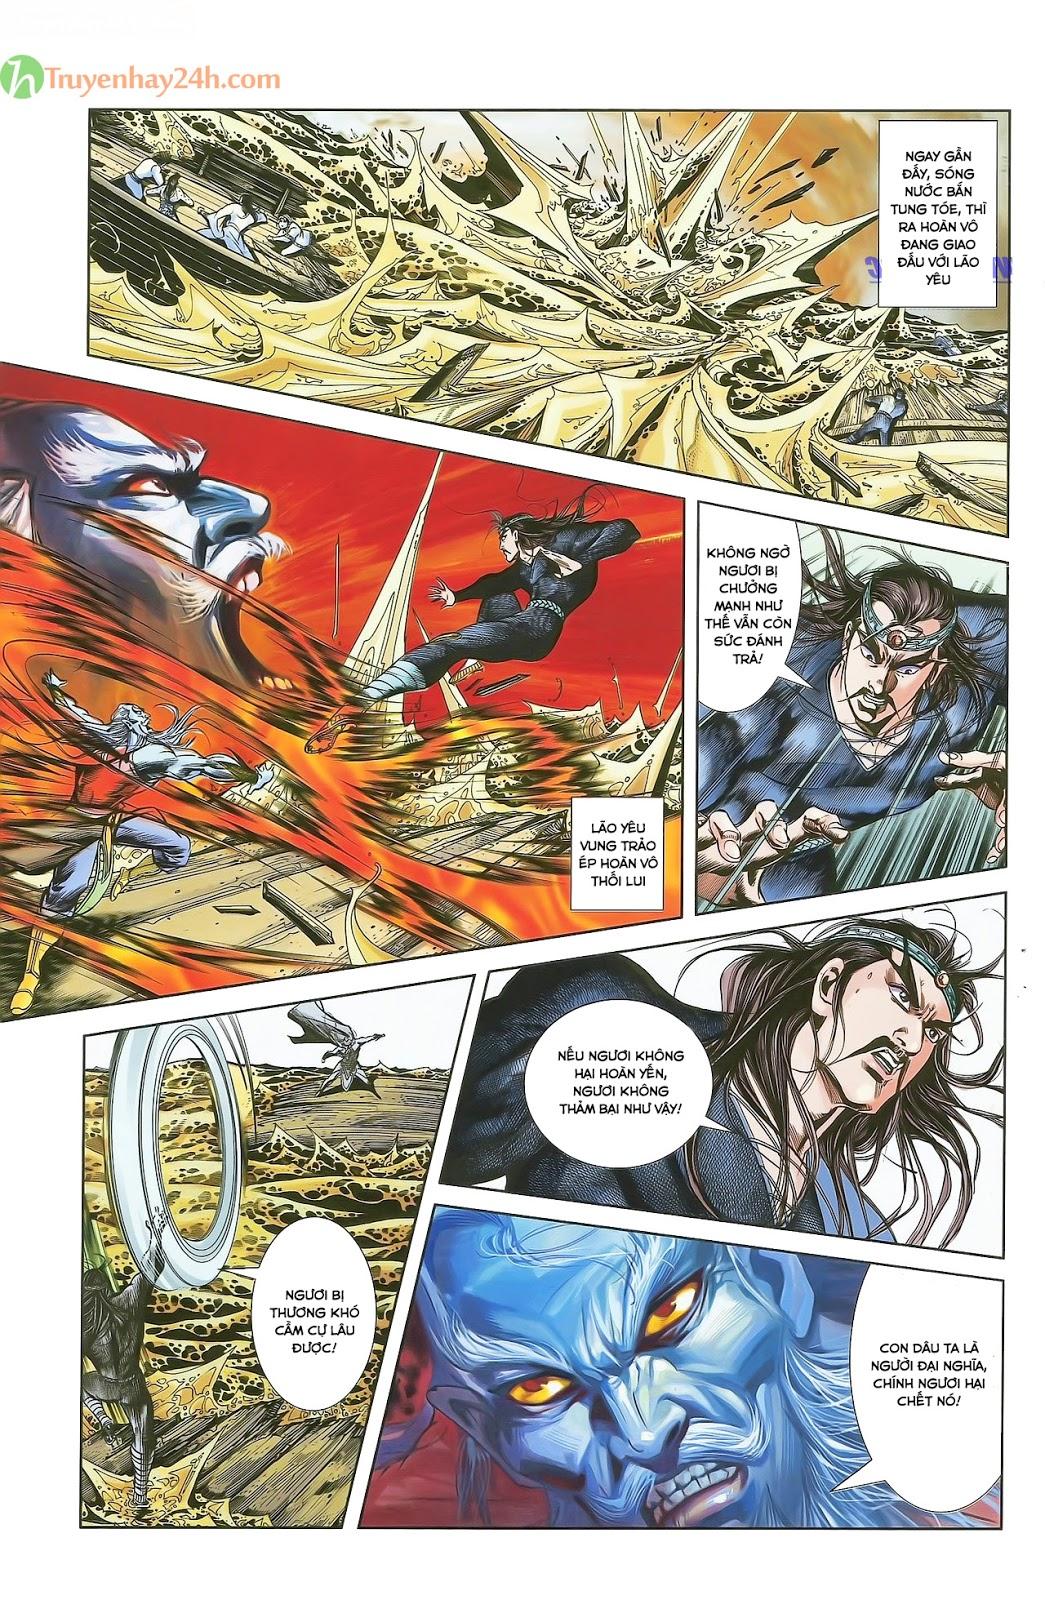 Tần Vương Doanh Chính chapter 28 trang 4